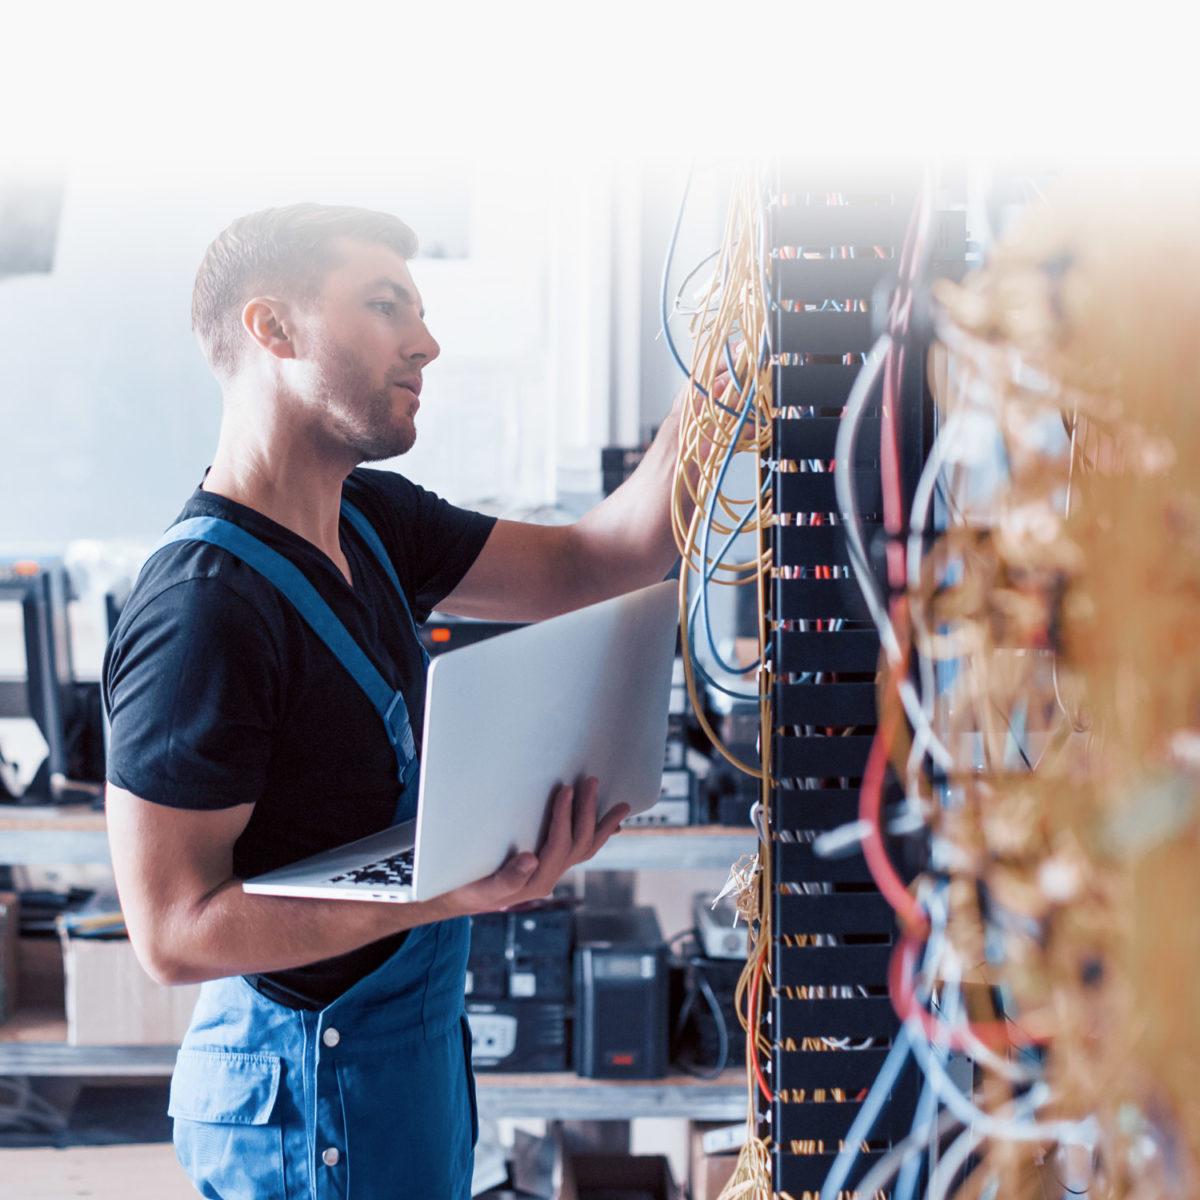 Instalare și configurare soluții hardware și software Data Center